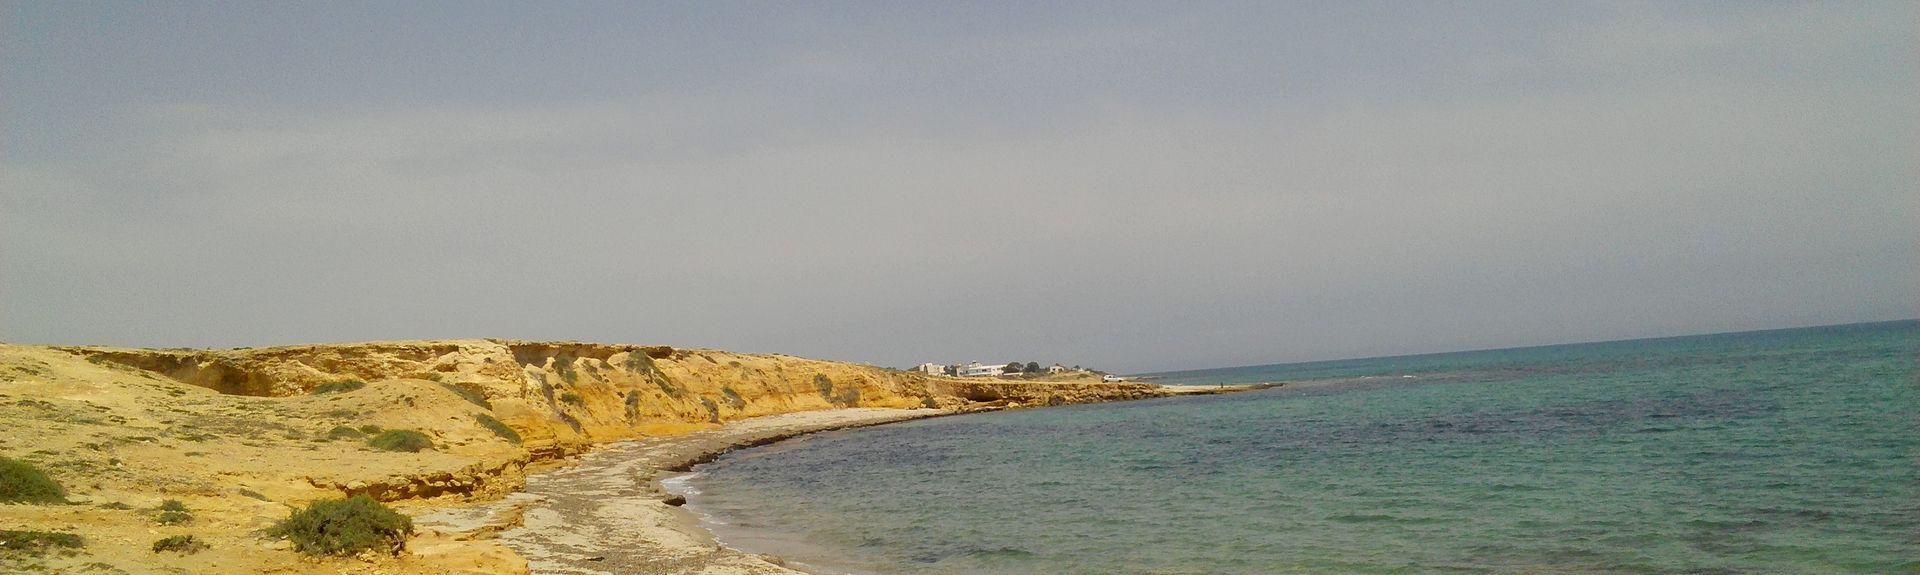 Ribat de Sousse, Gouvernorat de Sousse, Tunisie